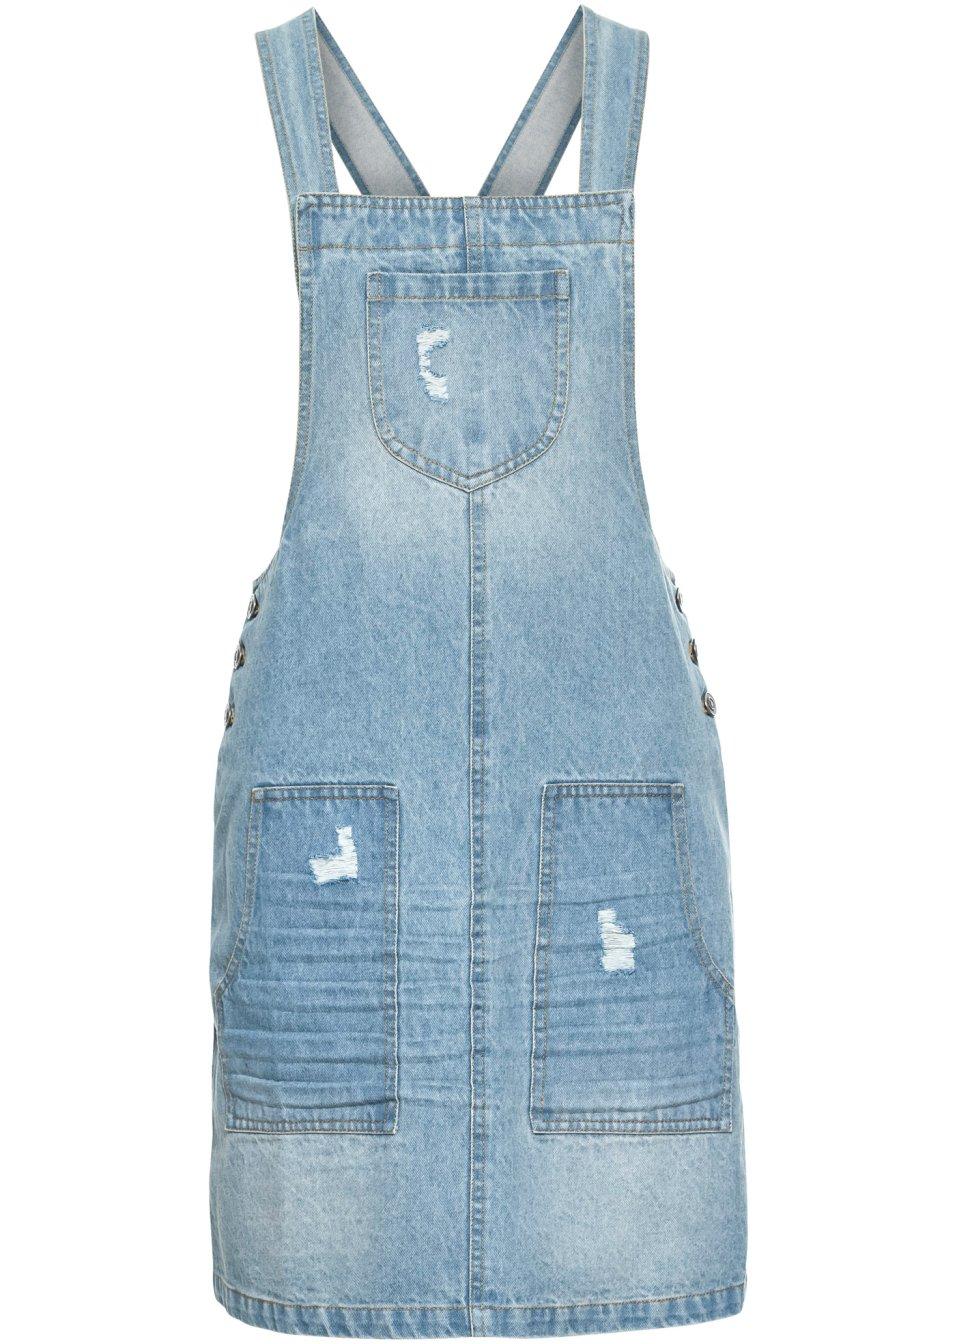 Modisches Jeanskleid mit großen Taschen - blue stone L6dU1 bSSjX